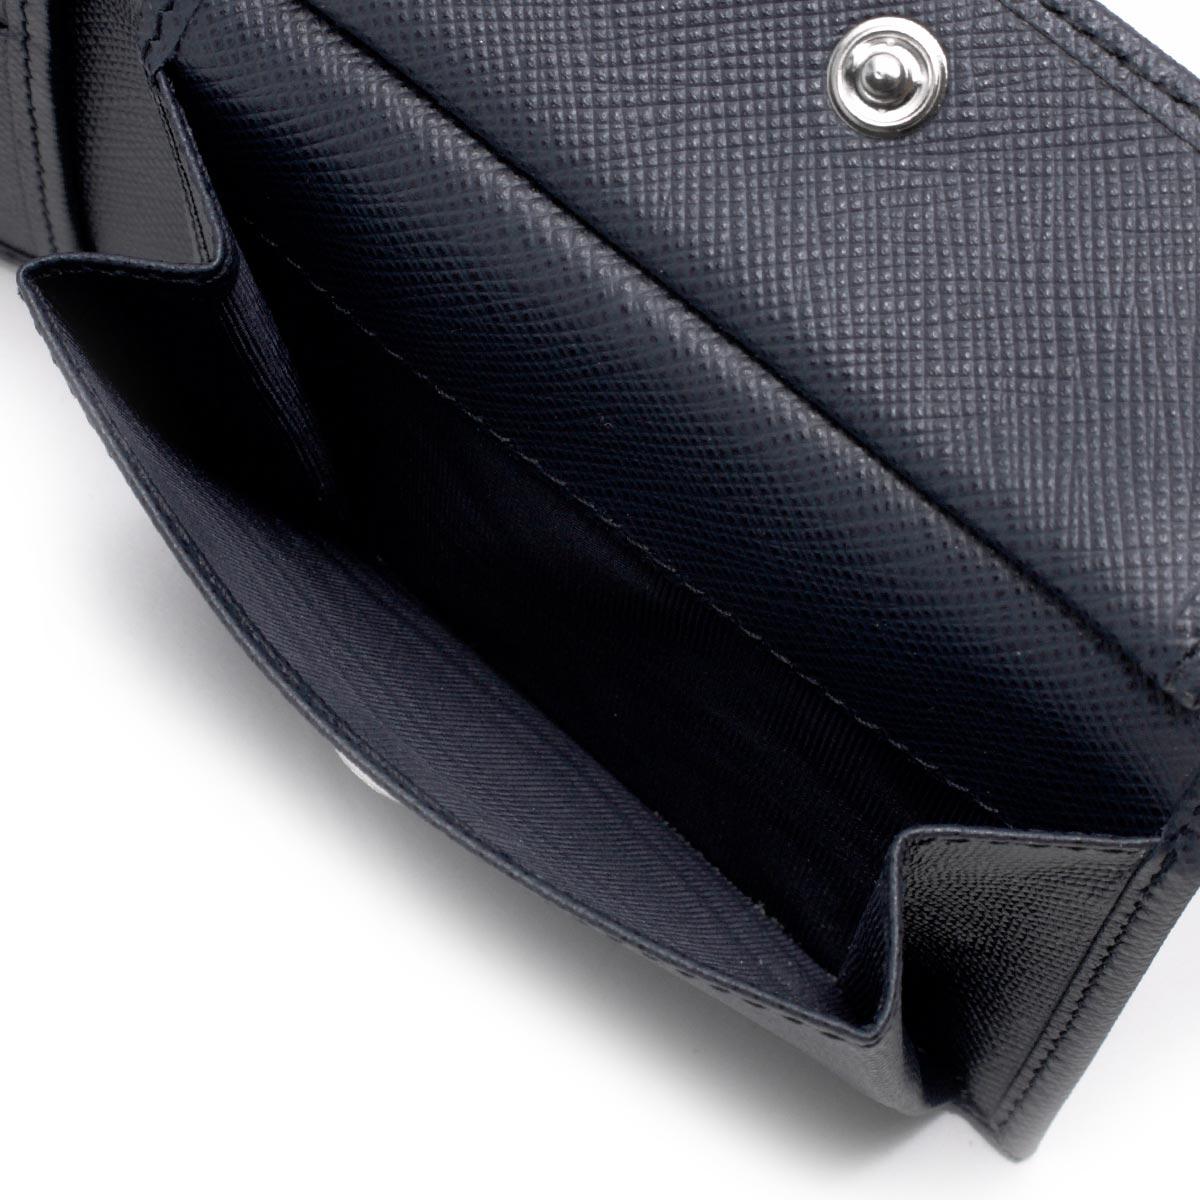 e803b9992ff9 ... プラダ 二つ折り財布 財布 メンズ サフィアーノ トライアングル SAFFIANO TRIANG 三角ロゴプレート バルティコブルー  2MO738 QHH F0216 PRADA